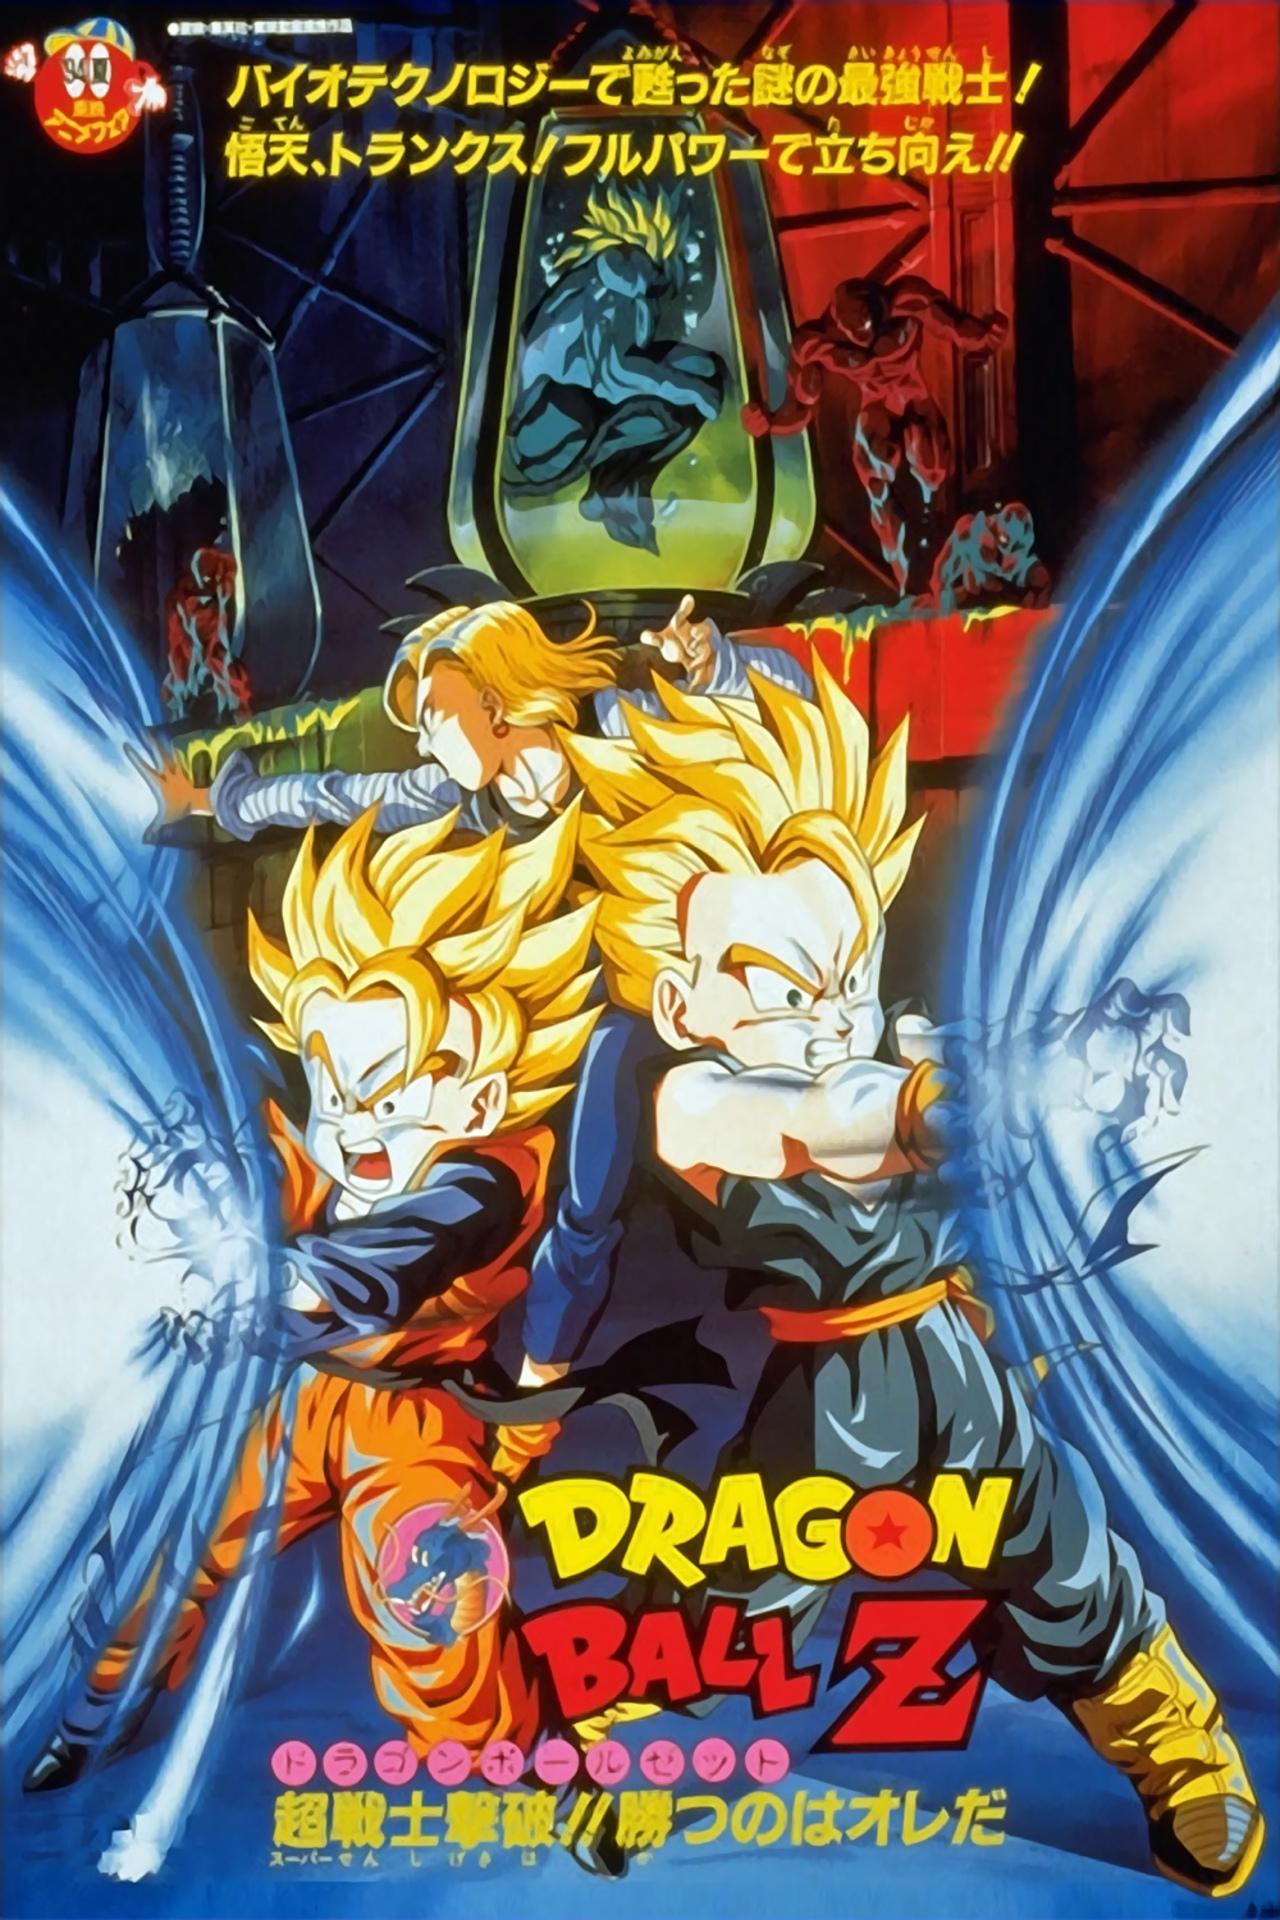 Dragon Ball Z: Bio-Broly kapak